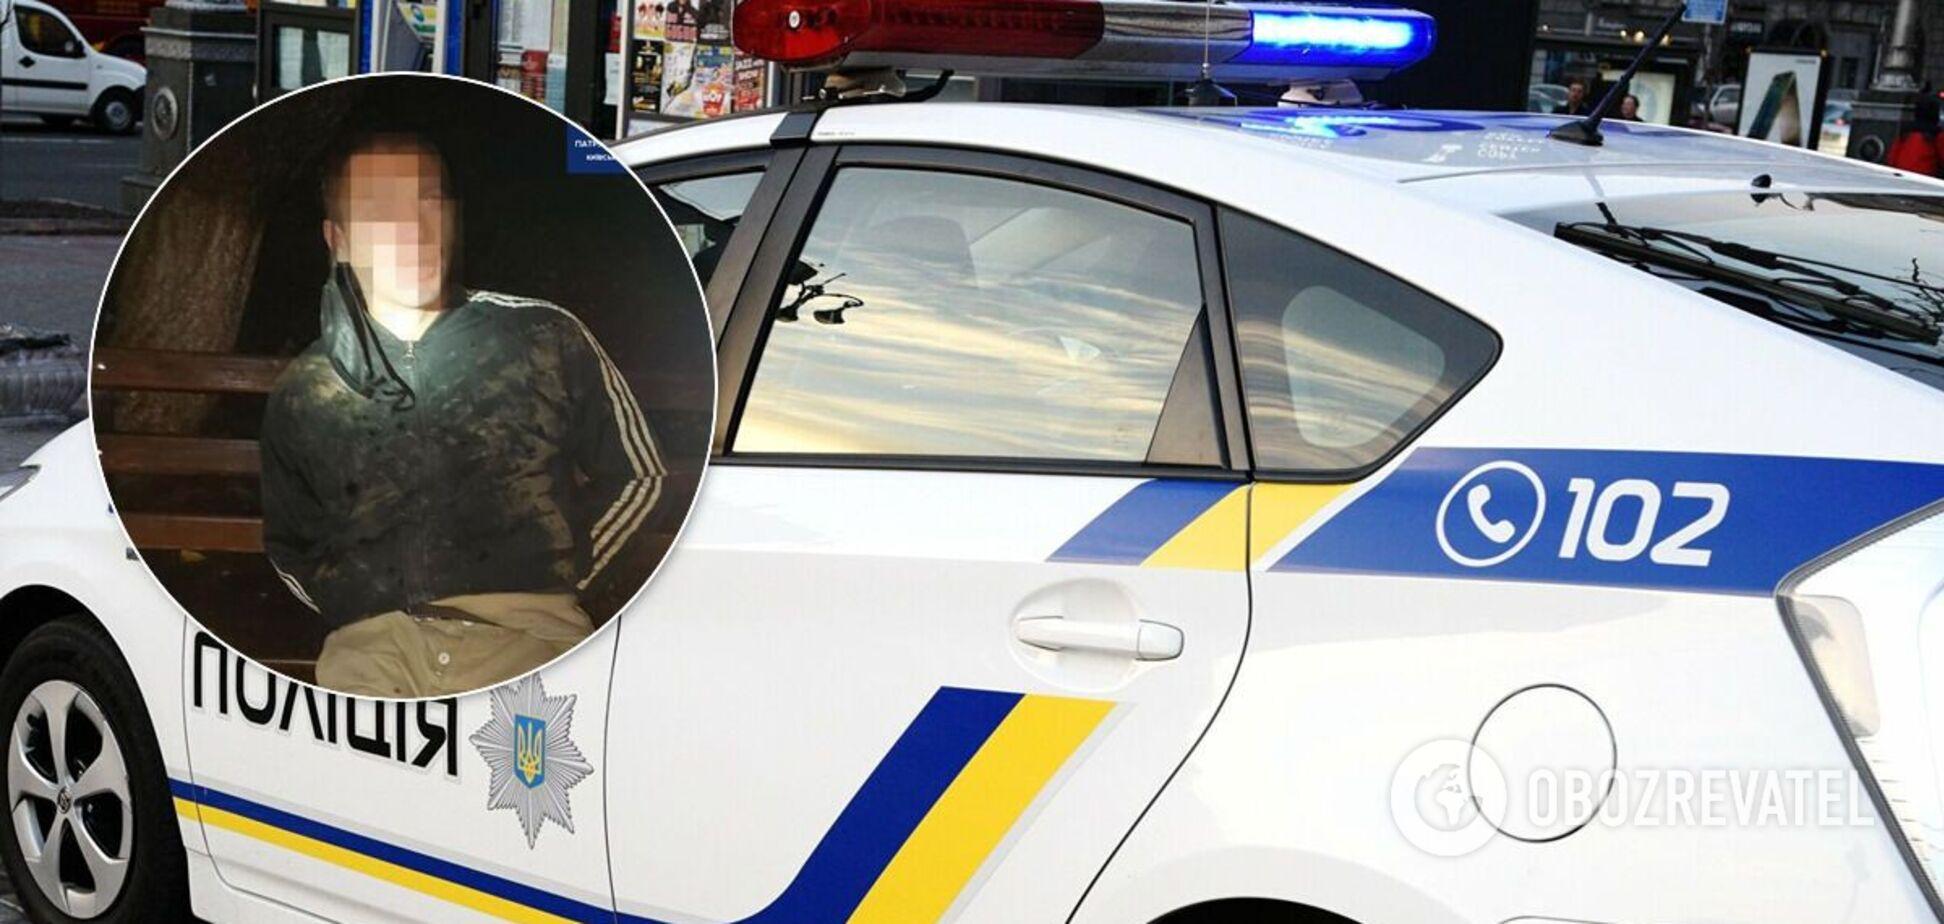 Поліція затримала підозрюваного у спробі зґвалтування